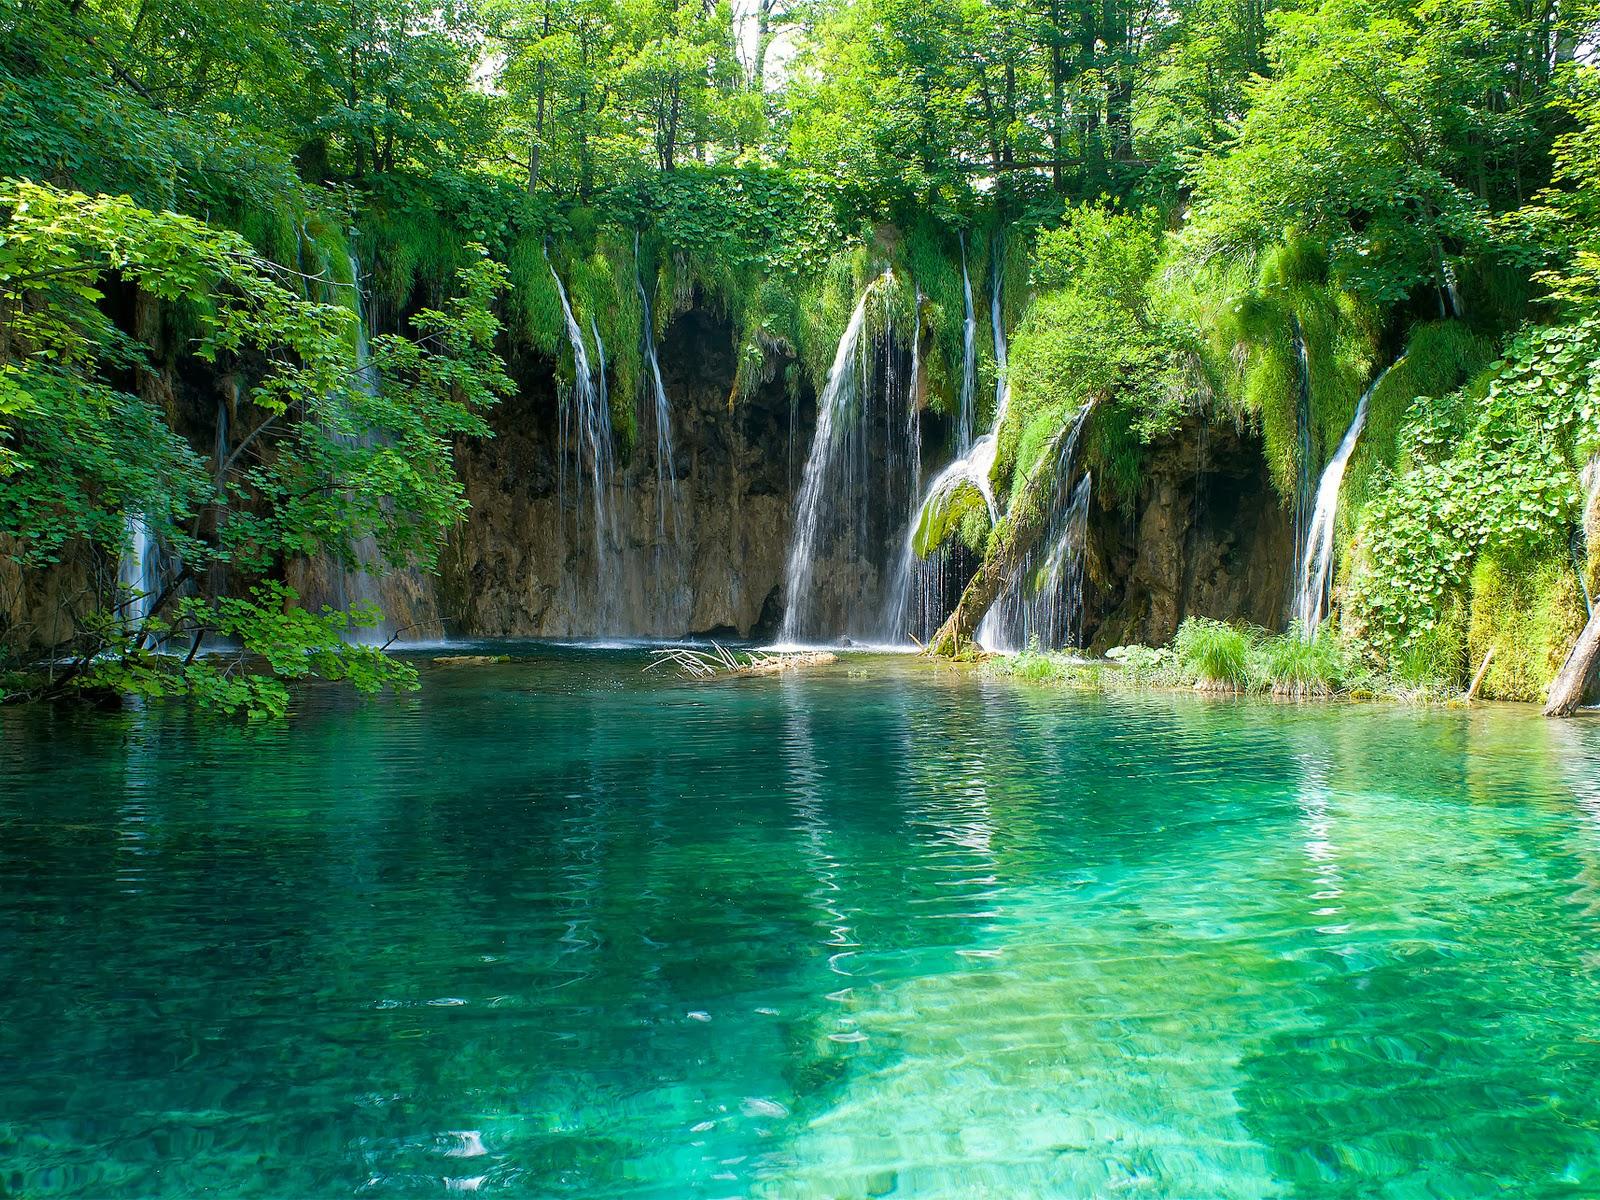 Fondos paisajes cascadas imagui for Estanque cascada